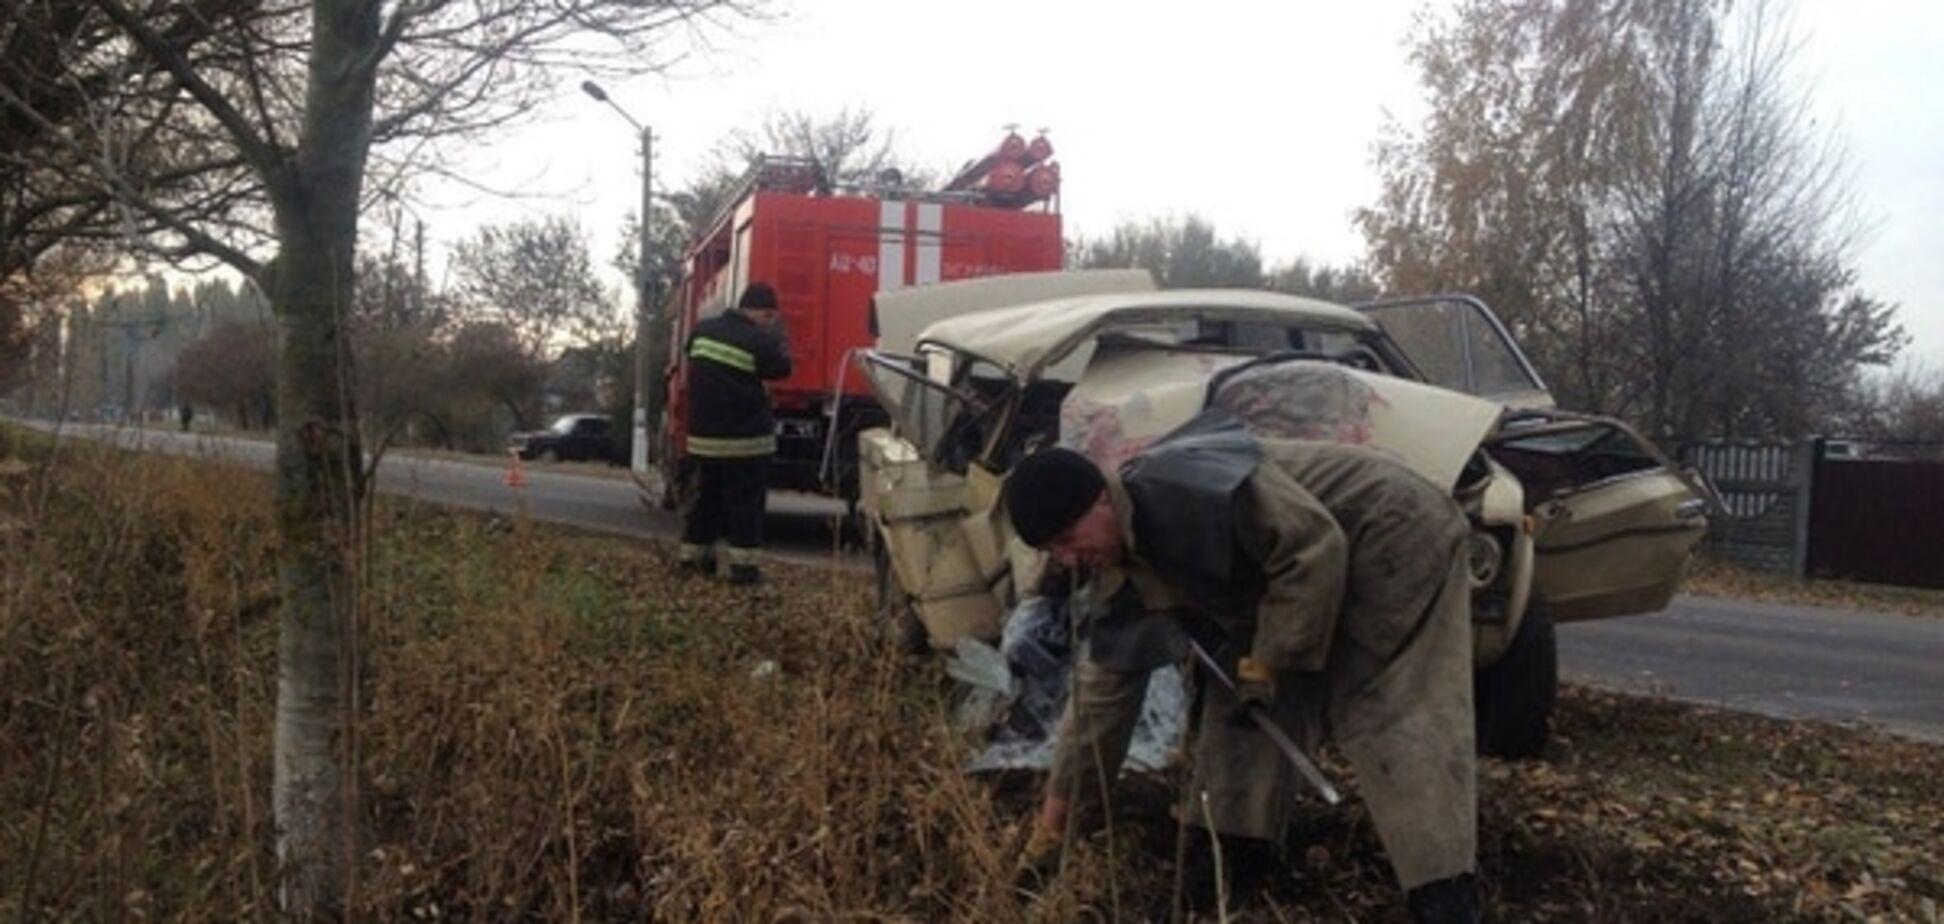 Криваве ДТП на Київщині: загинули два пасажири авто, водій у лікарні